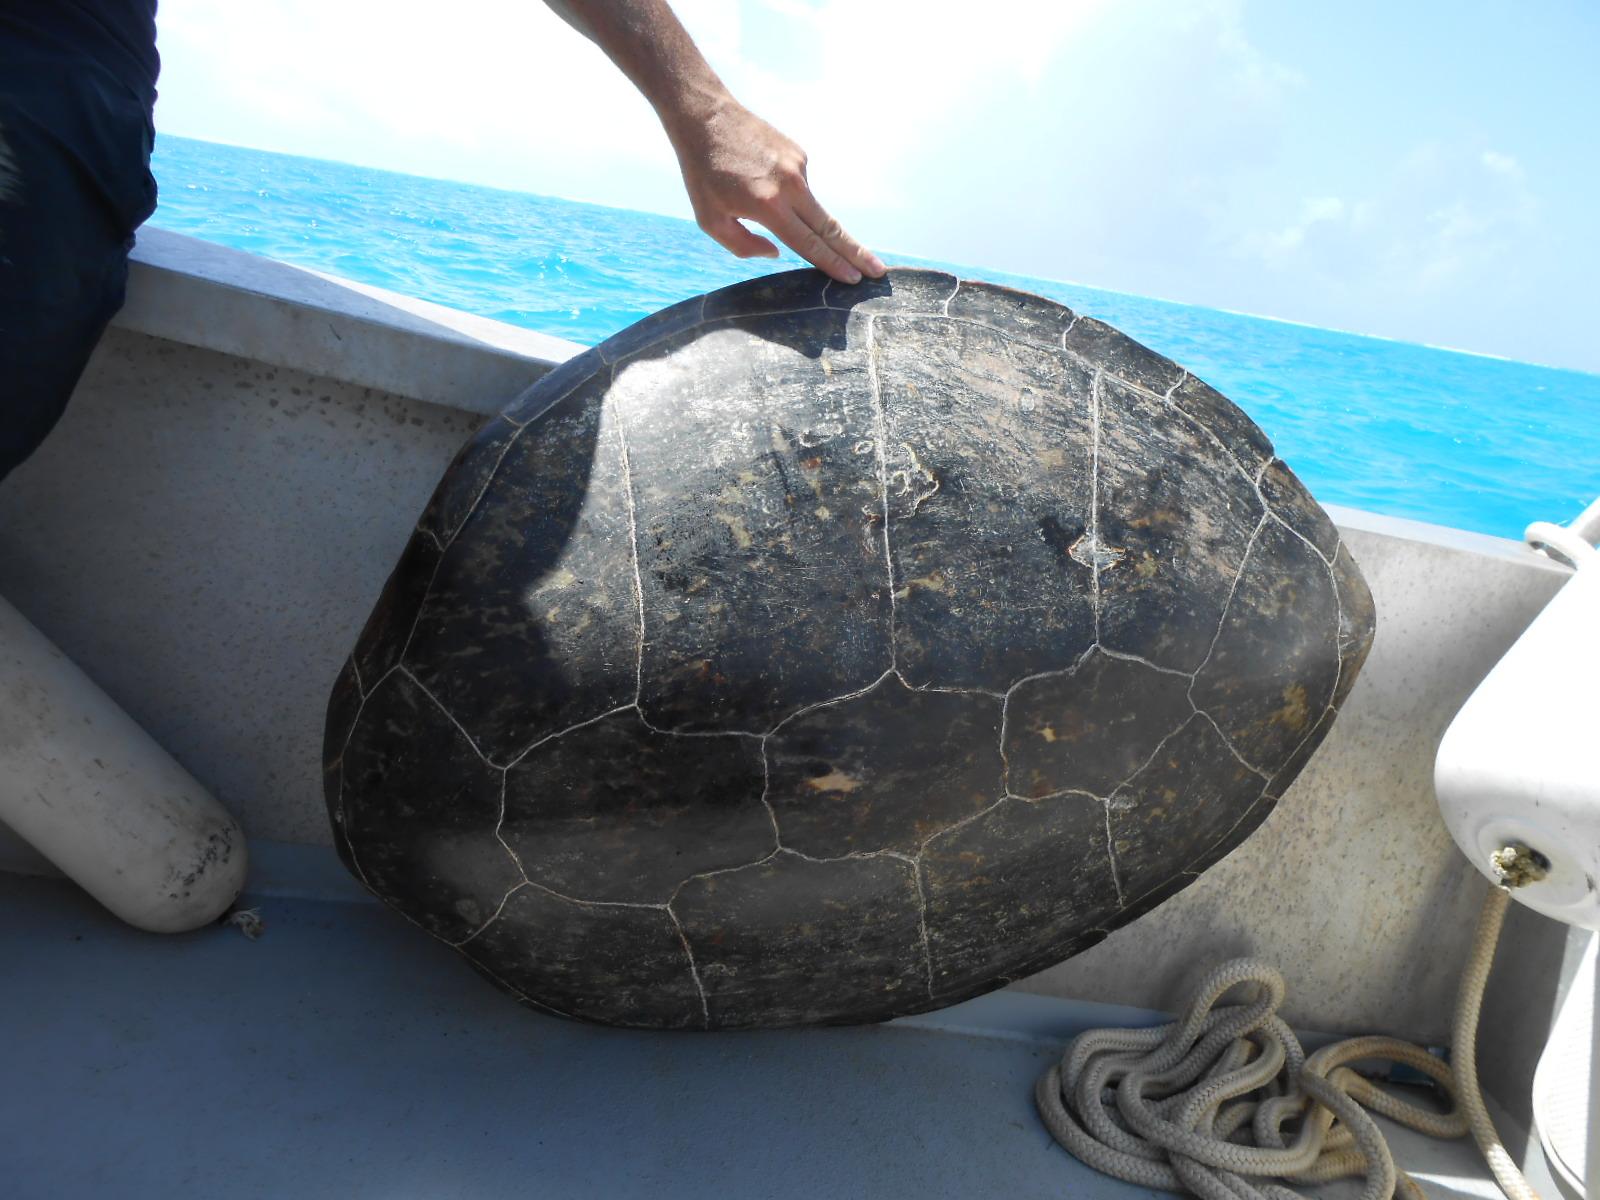 Il est interpellé alors qu'il découpait une tortue